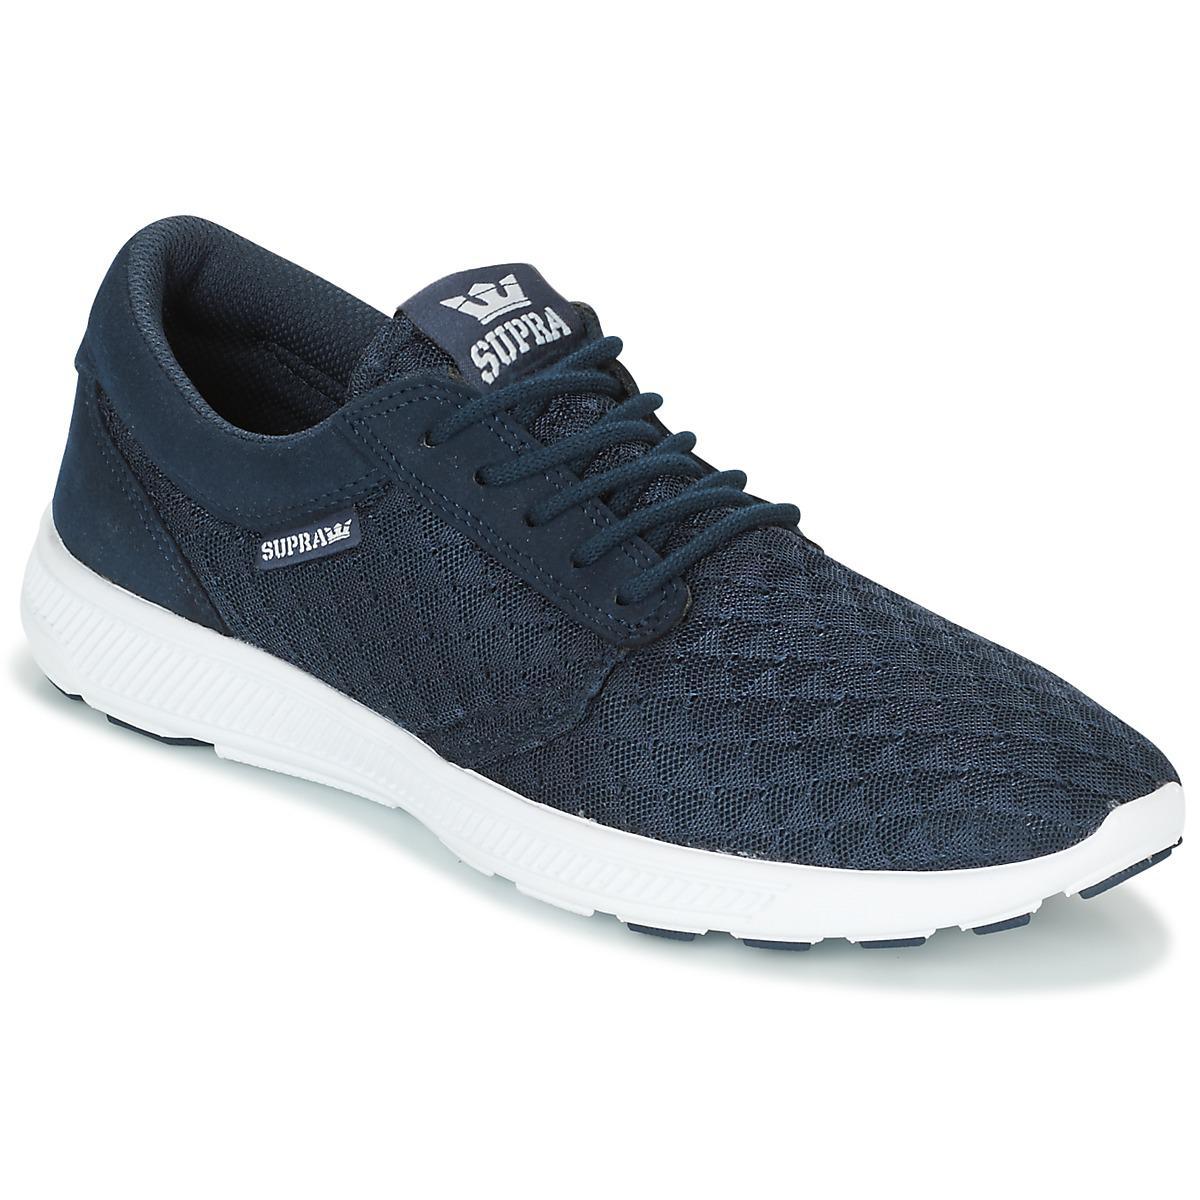 03a26fde8a1b Supra - Blue Hammer Run Shoes (trainers) - Lyst. View fullscreen